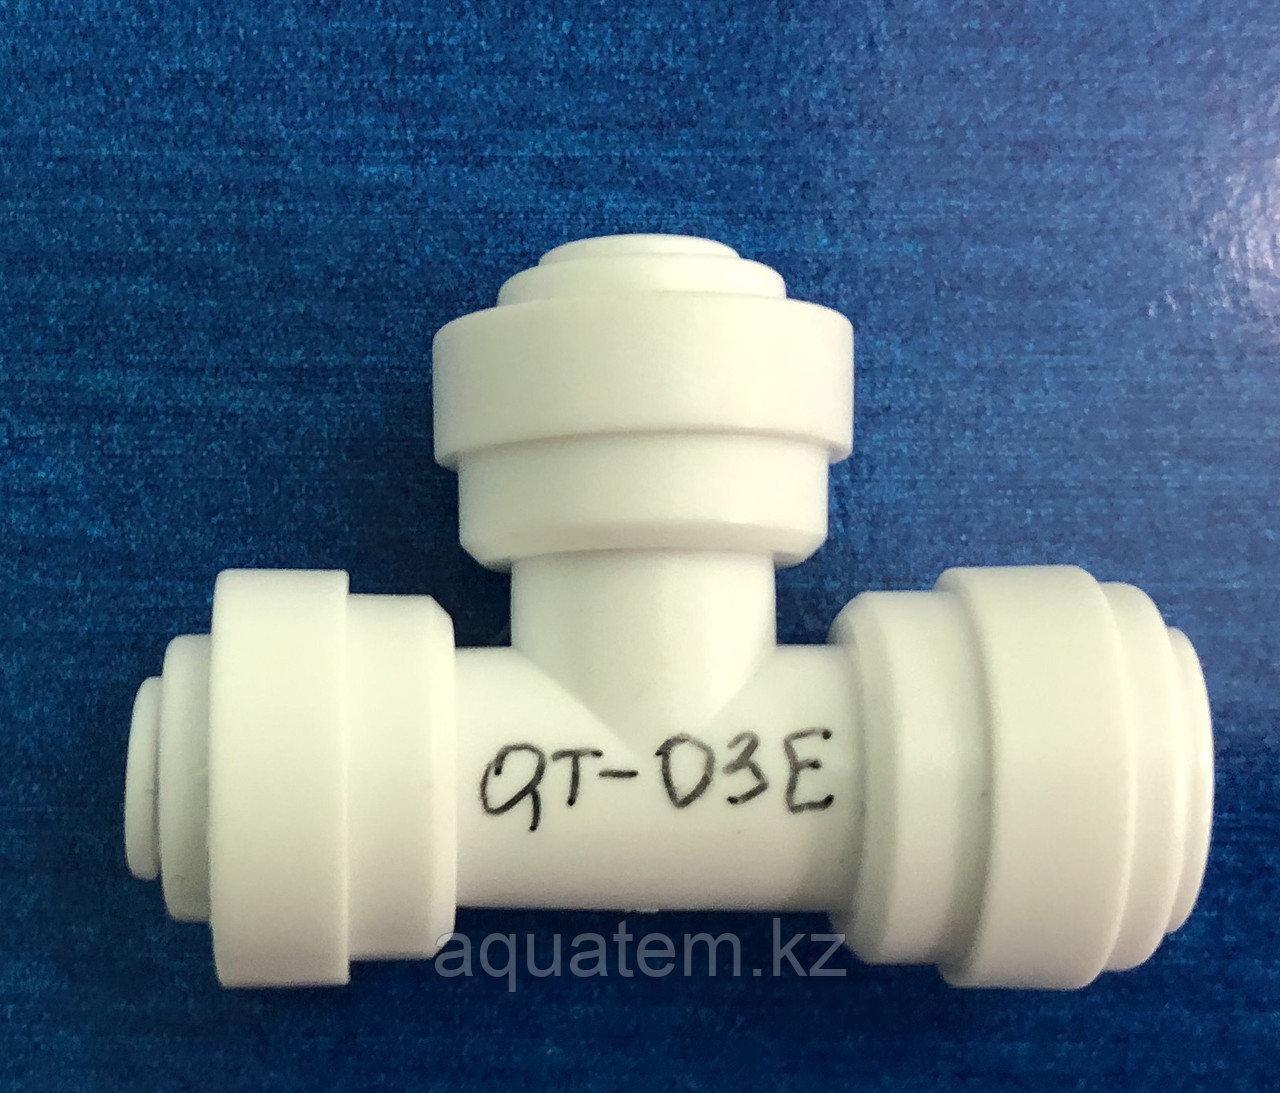 Фитинг QT-03E